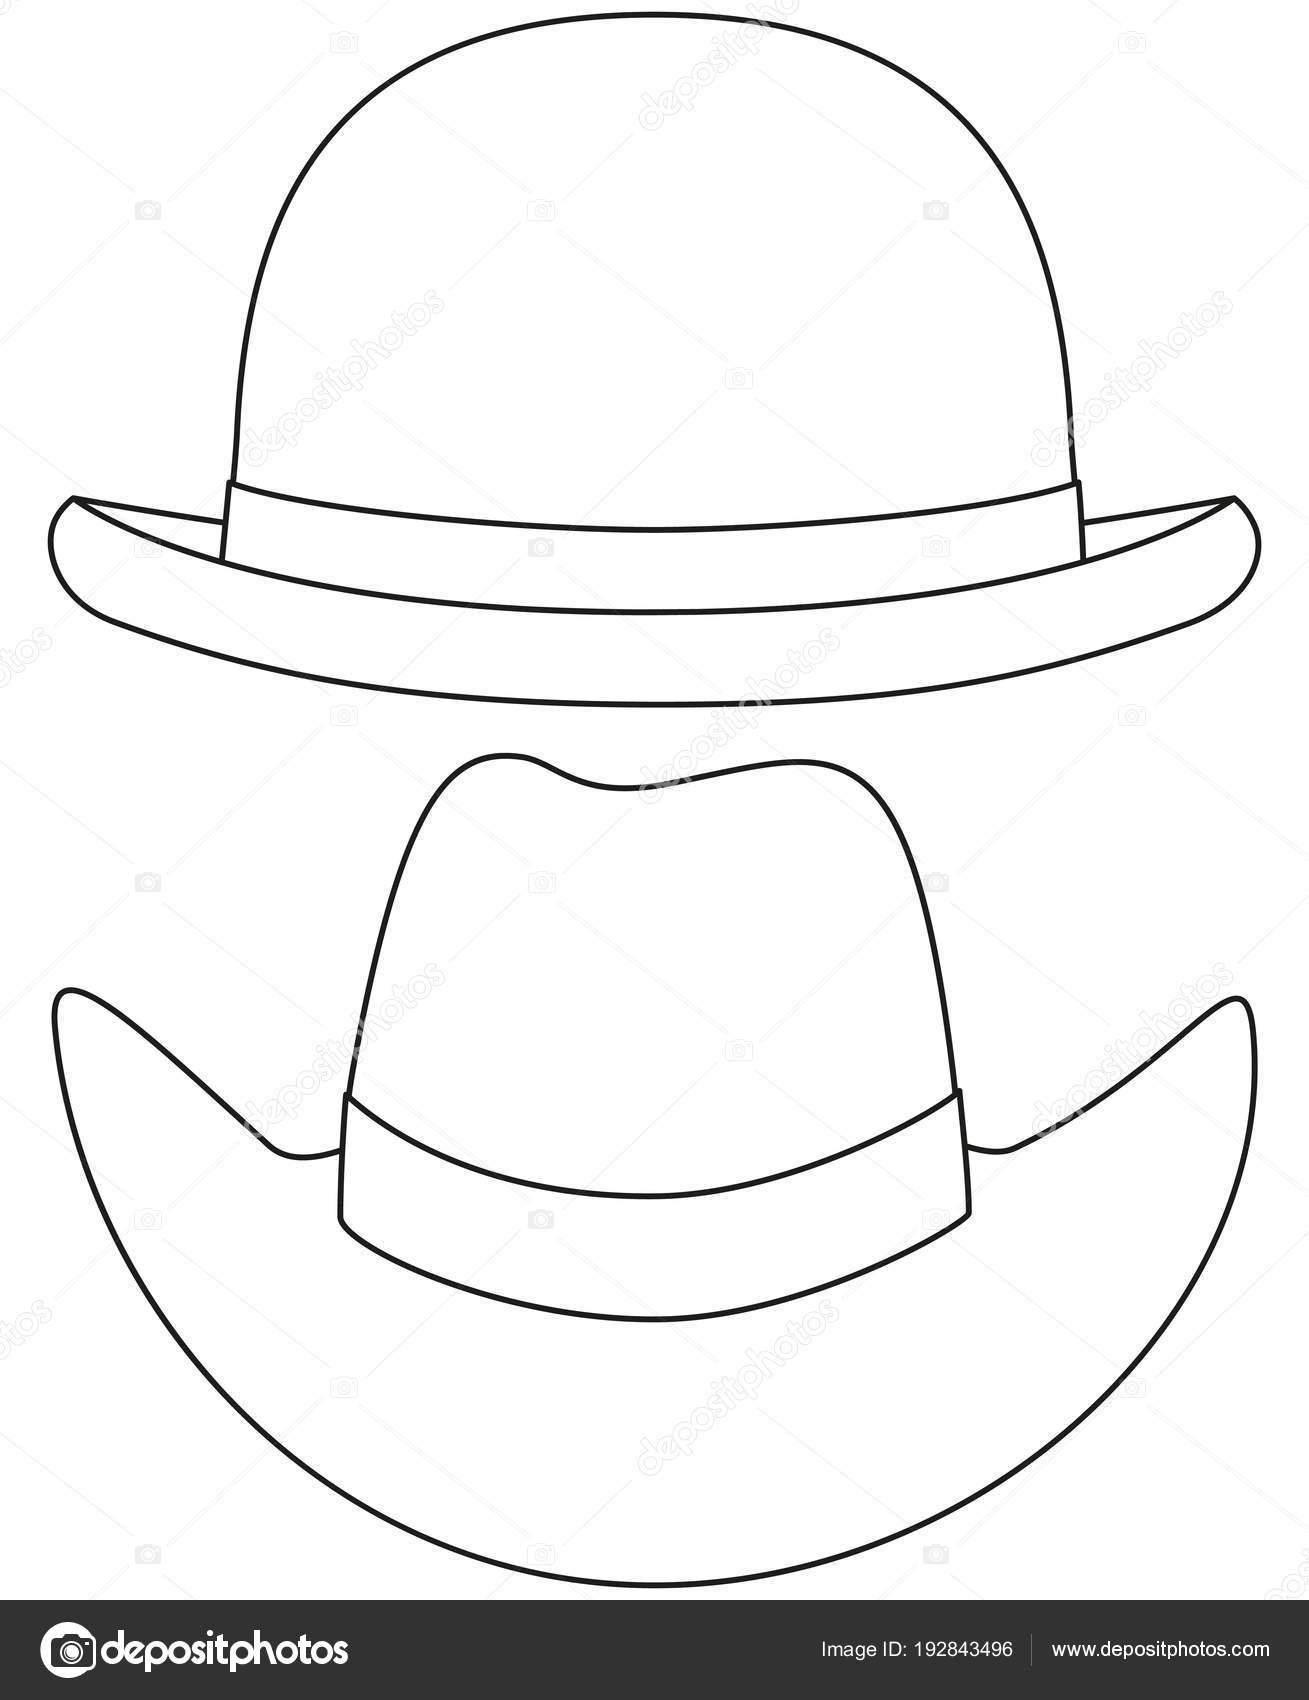 Conjunto de sombrero de vaquero de jugador de bolos de arte blanco y negro  de la línea. Hipster temática vector ilustración para etiqueta de  certificado de ... 9f14c2abb1b